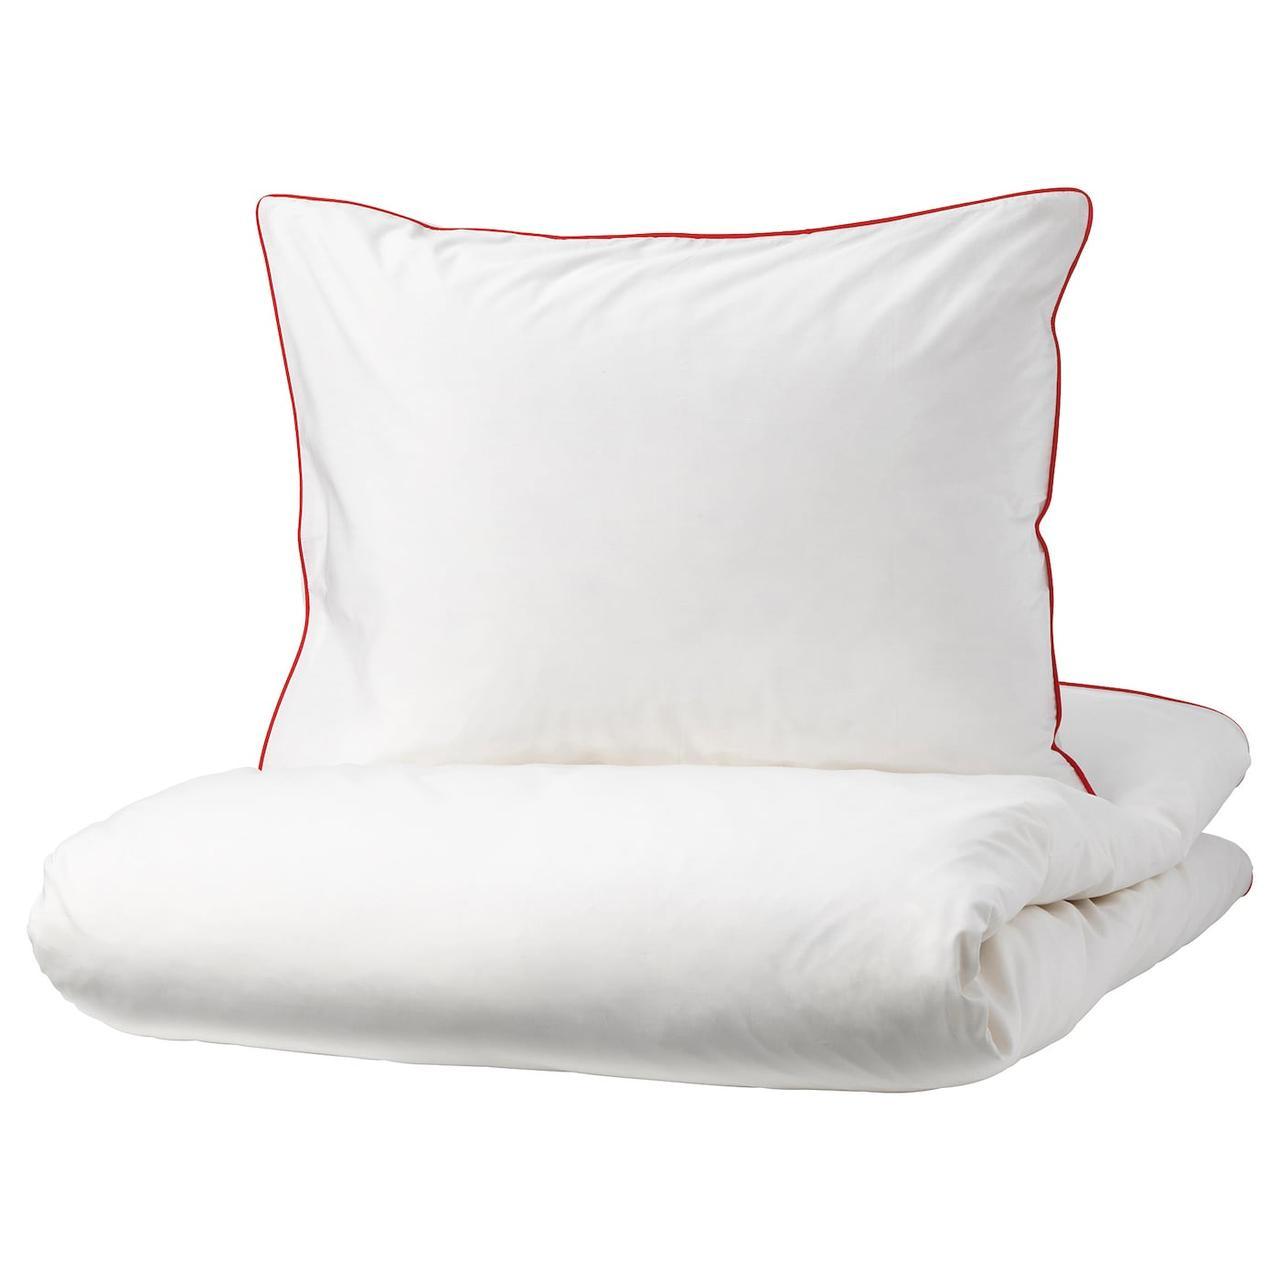 IKEA KUNGSBLOMMA Комплект постільної білизни/червоний, 200x200/50x60 см